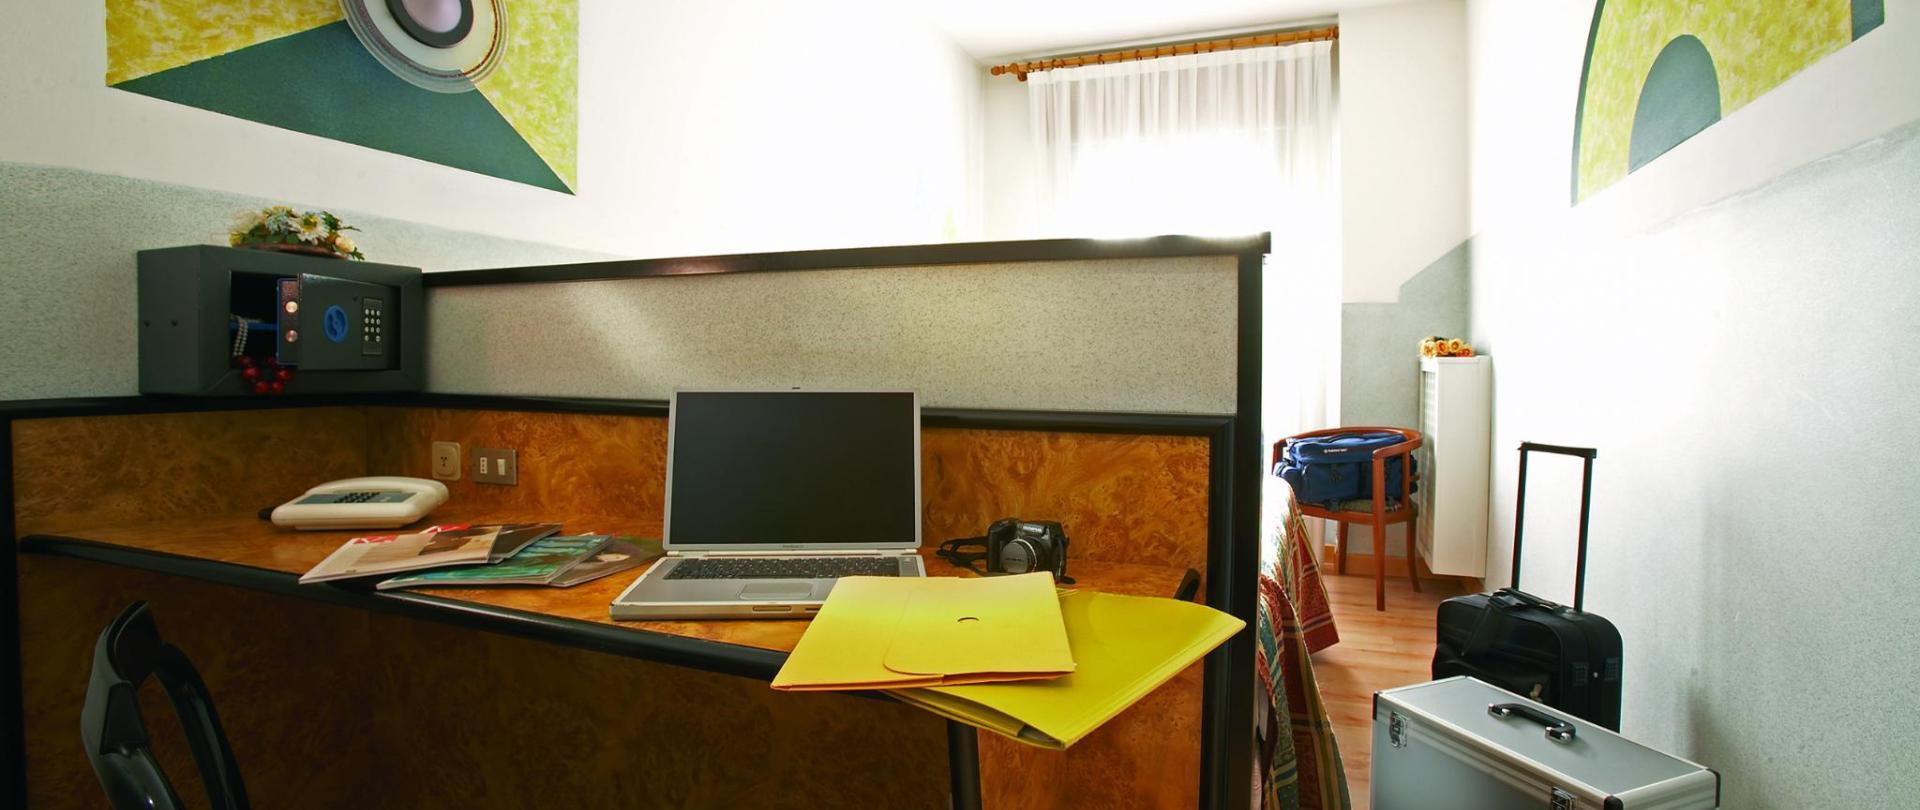 giallo sx.jpg